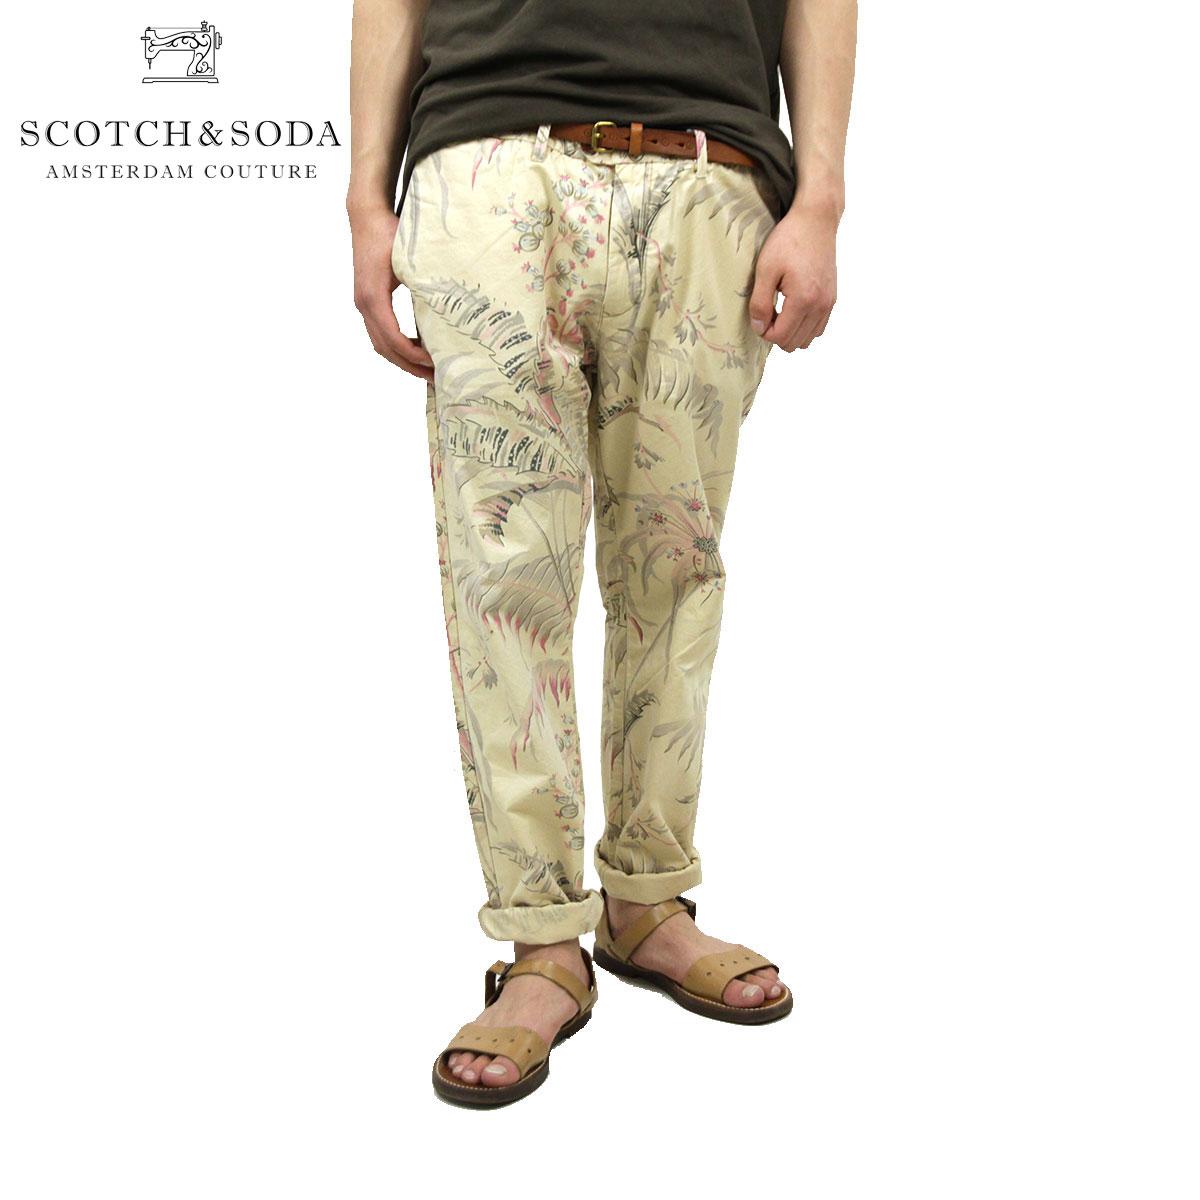 スコッチアンドソーダ チノパン メンズ 正規販売店 SCOTCH&SODA ボトムス Basic pima cotton slim fit chino pant 80003 A